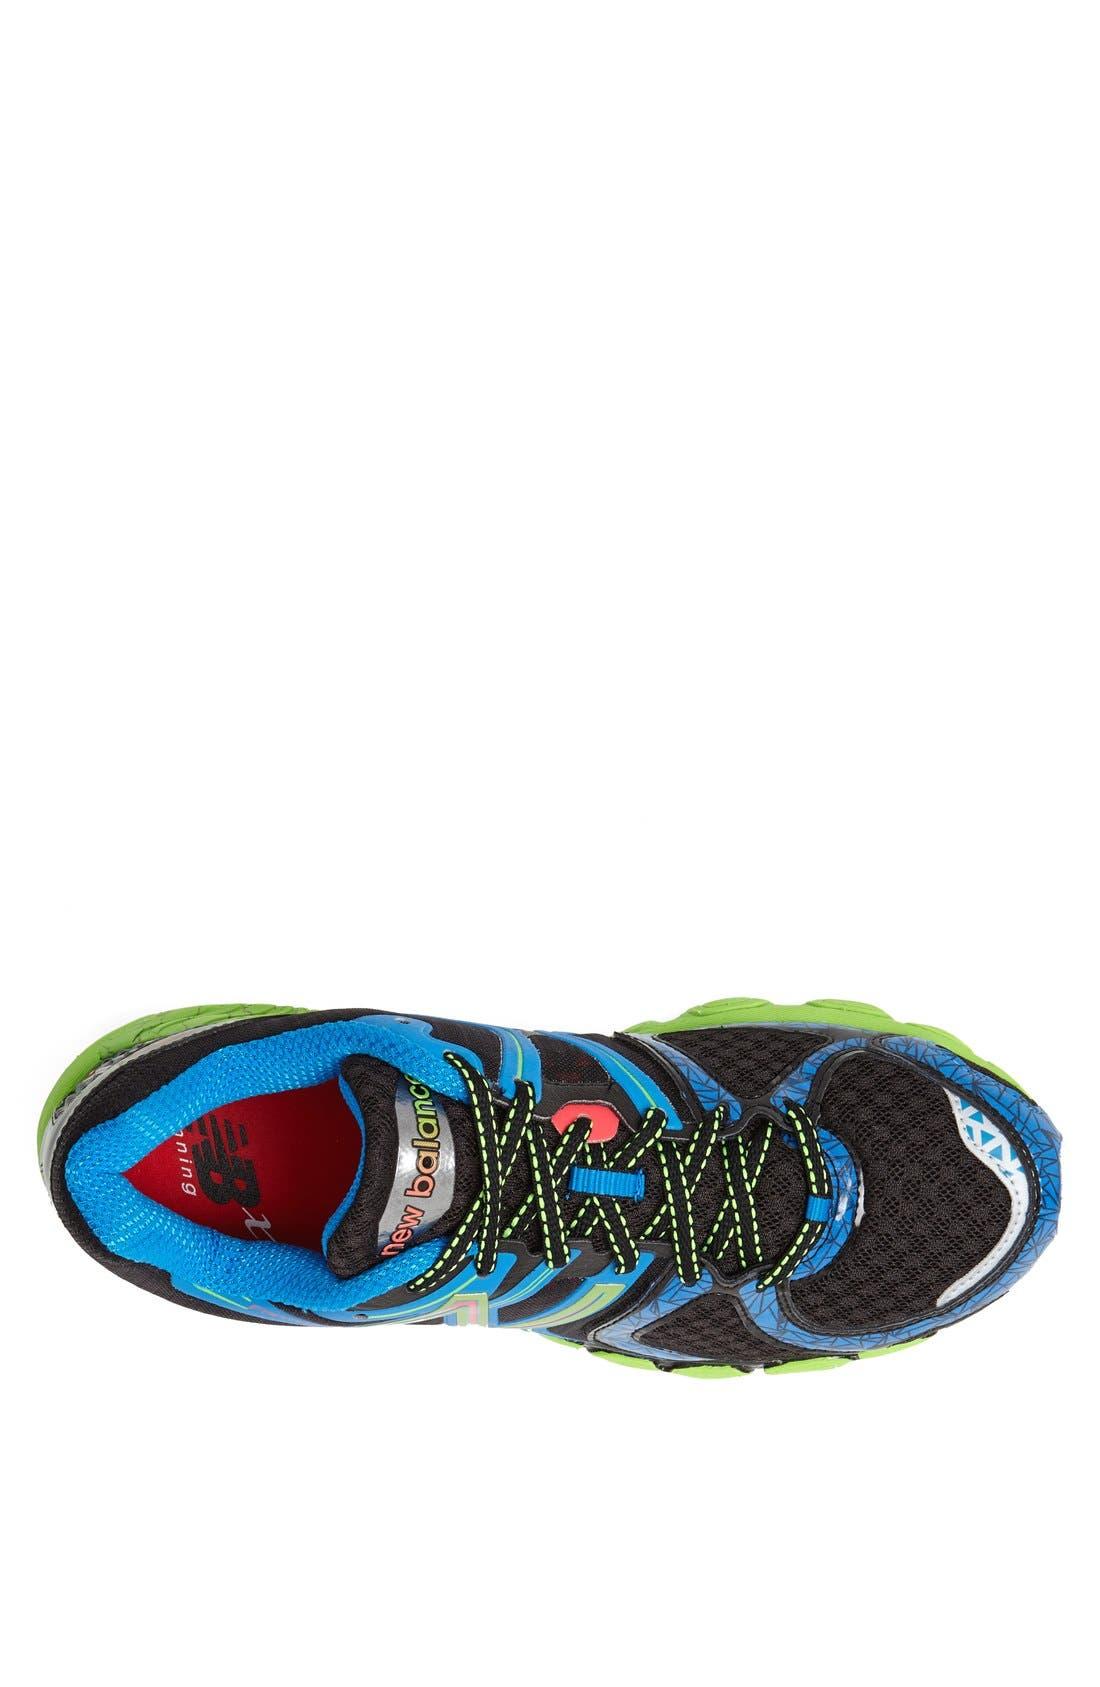 Alternate Image 3  - New Balance '1260v3' Running Shoe (Men)